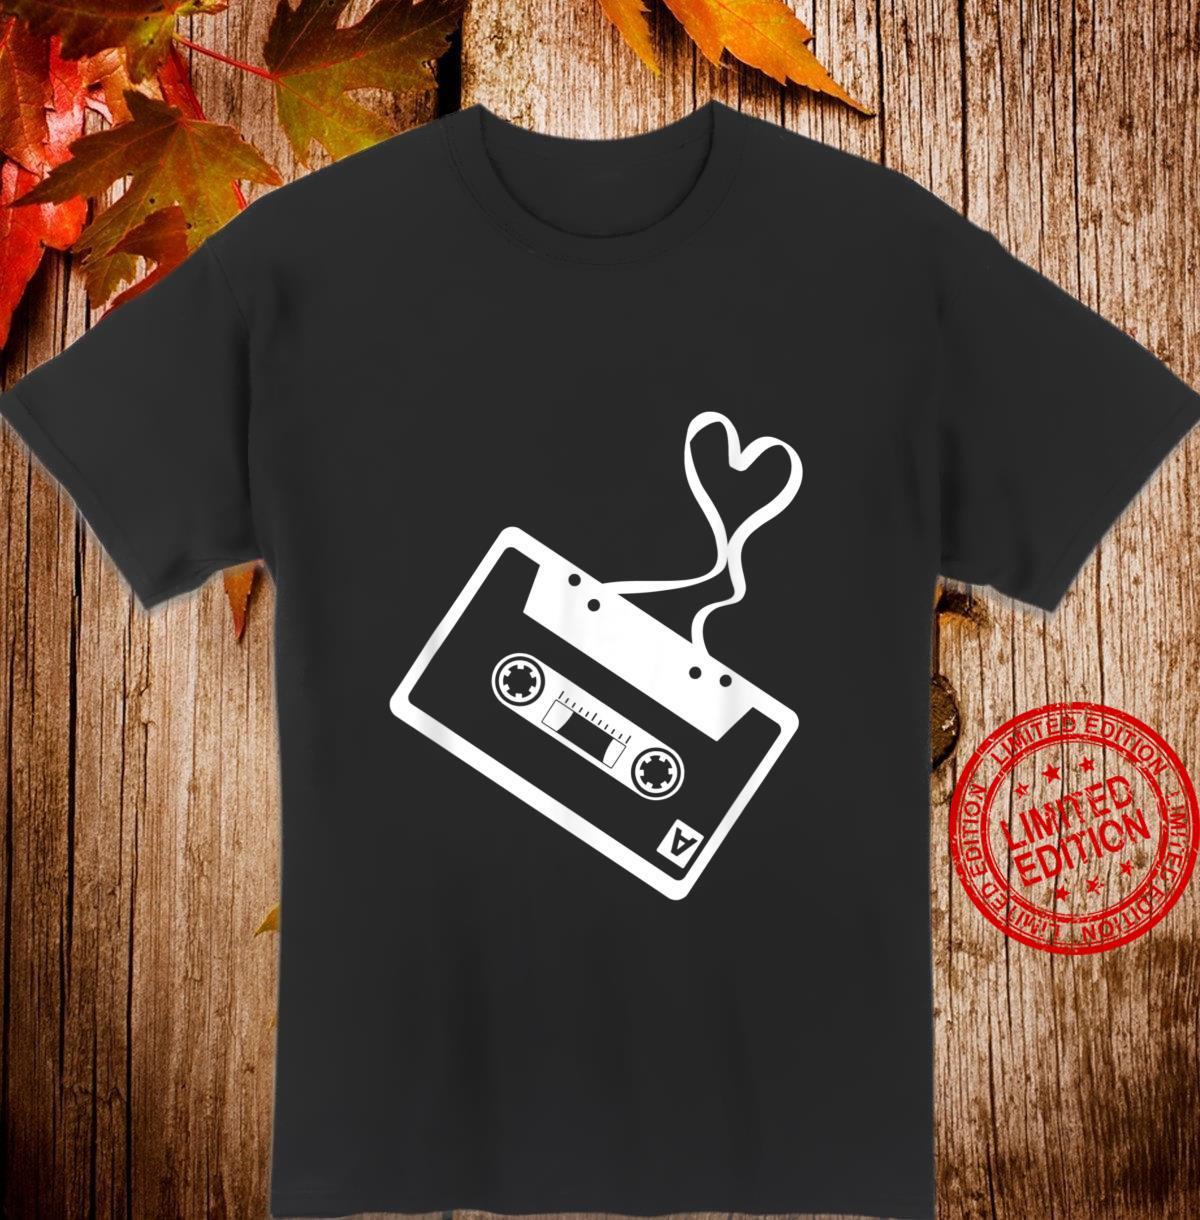 Music Cassette & Heart Nostalgia Fans Singer Songwriter Shirt